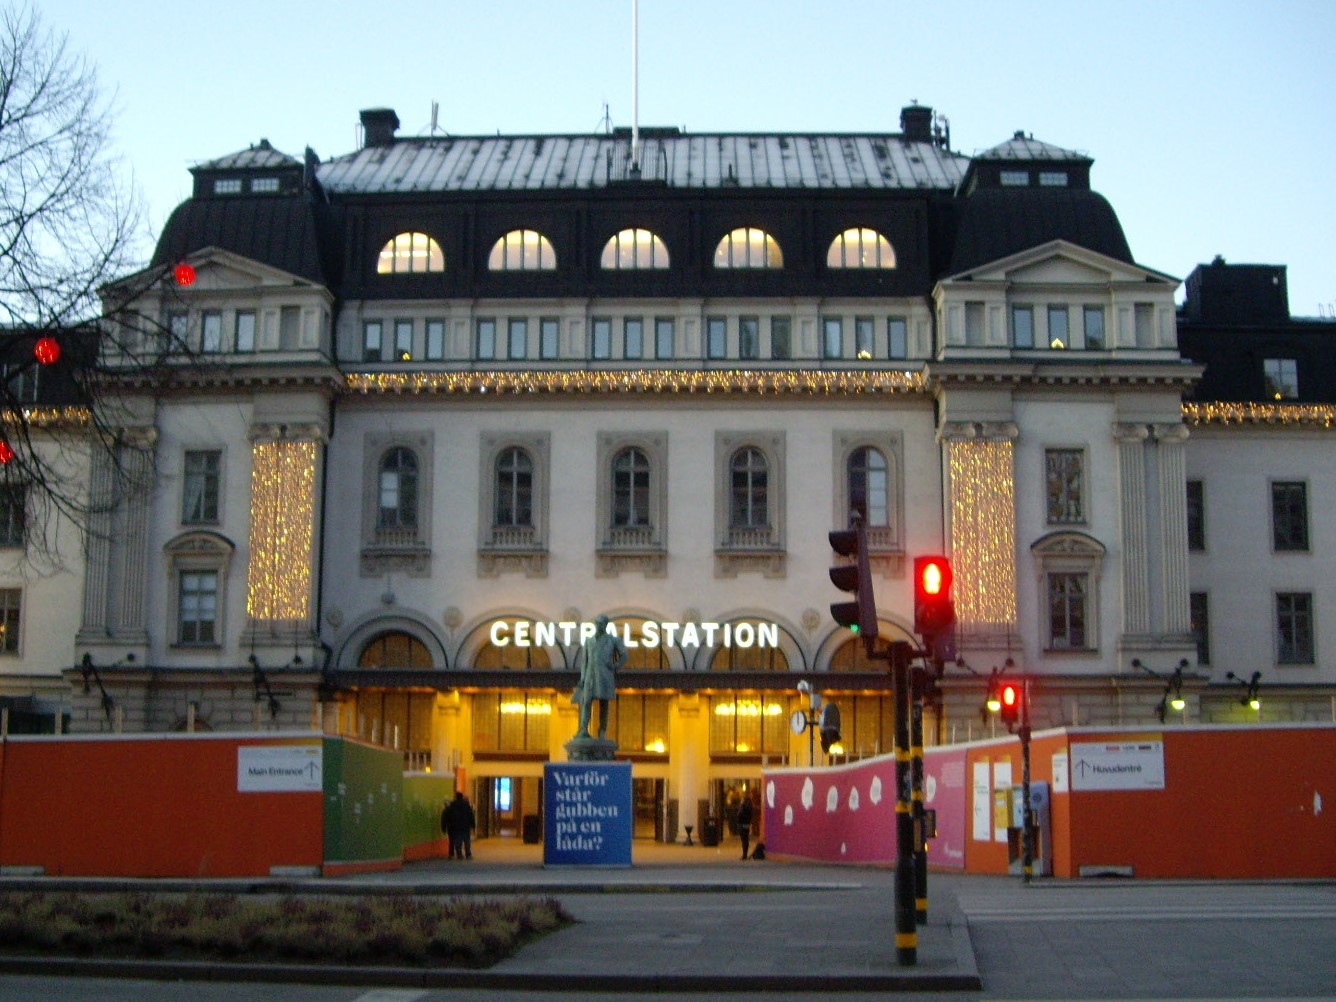 STO central